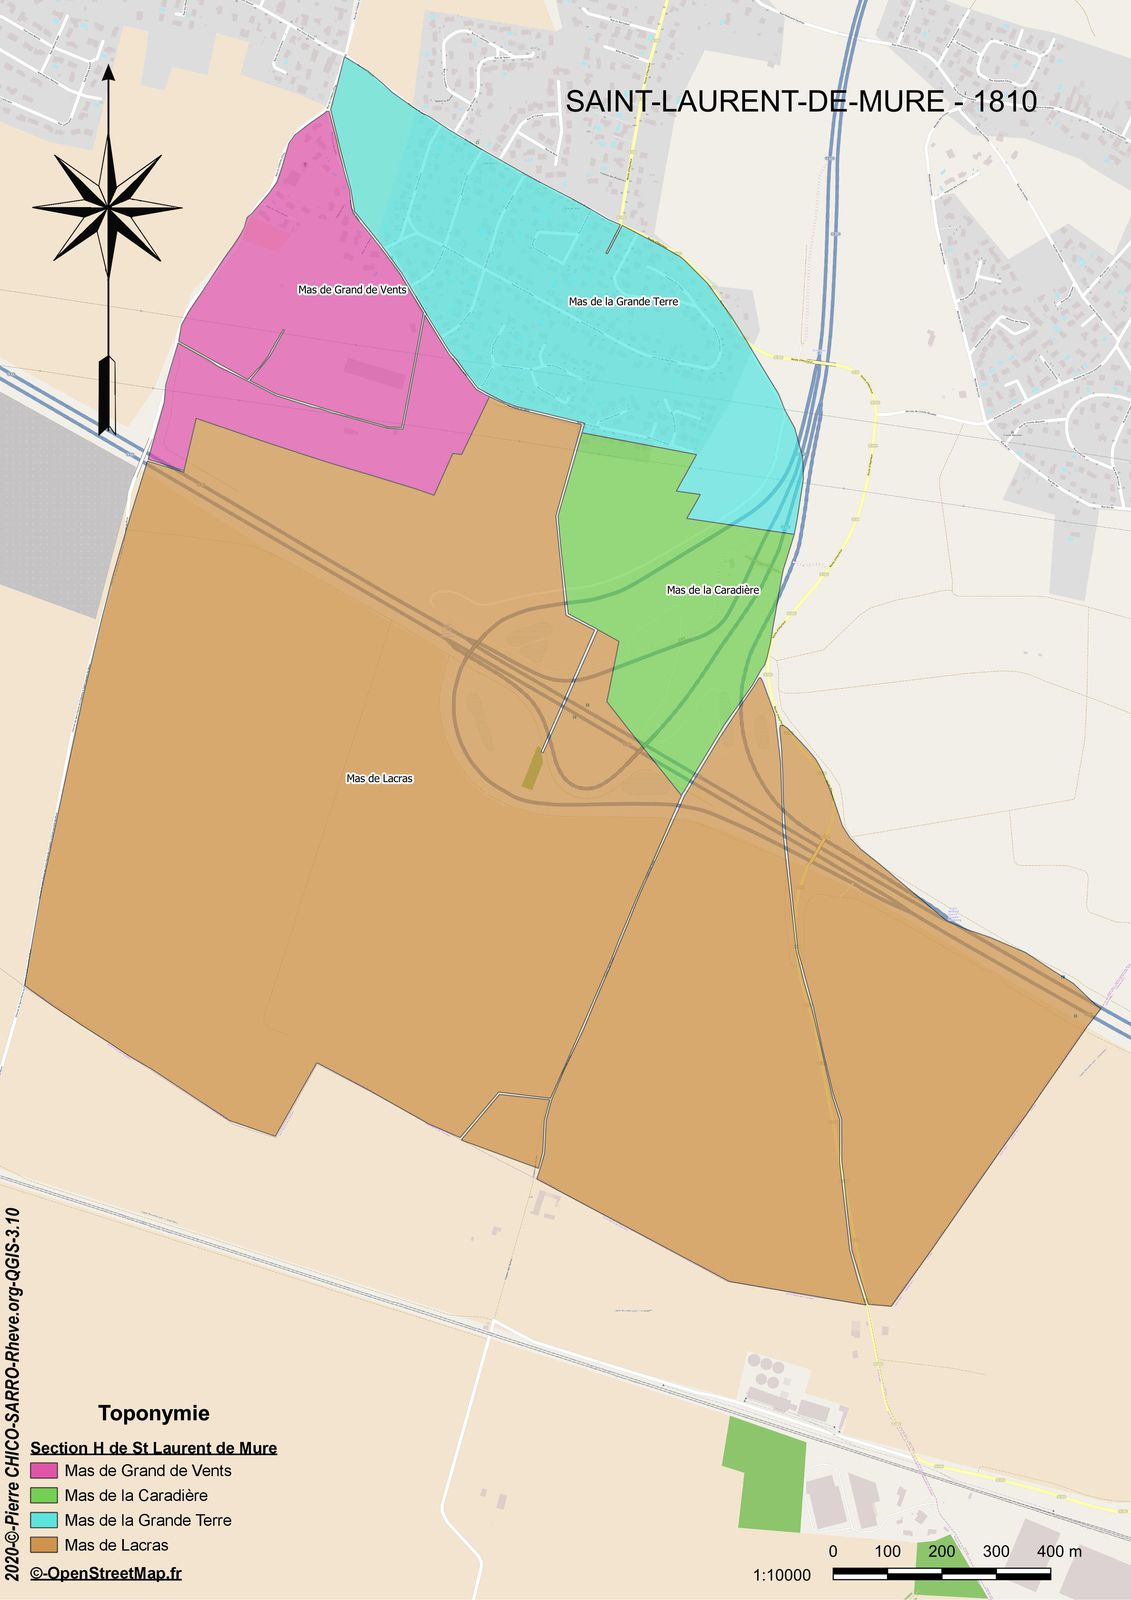 Carte de la localisation des toponymes de la section H dite de Saint-Laurent-de-Mure à Saint-Laurent-de-Mure en 1810